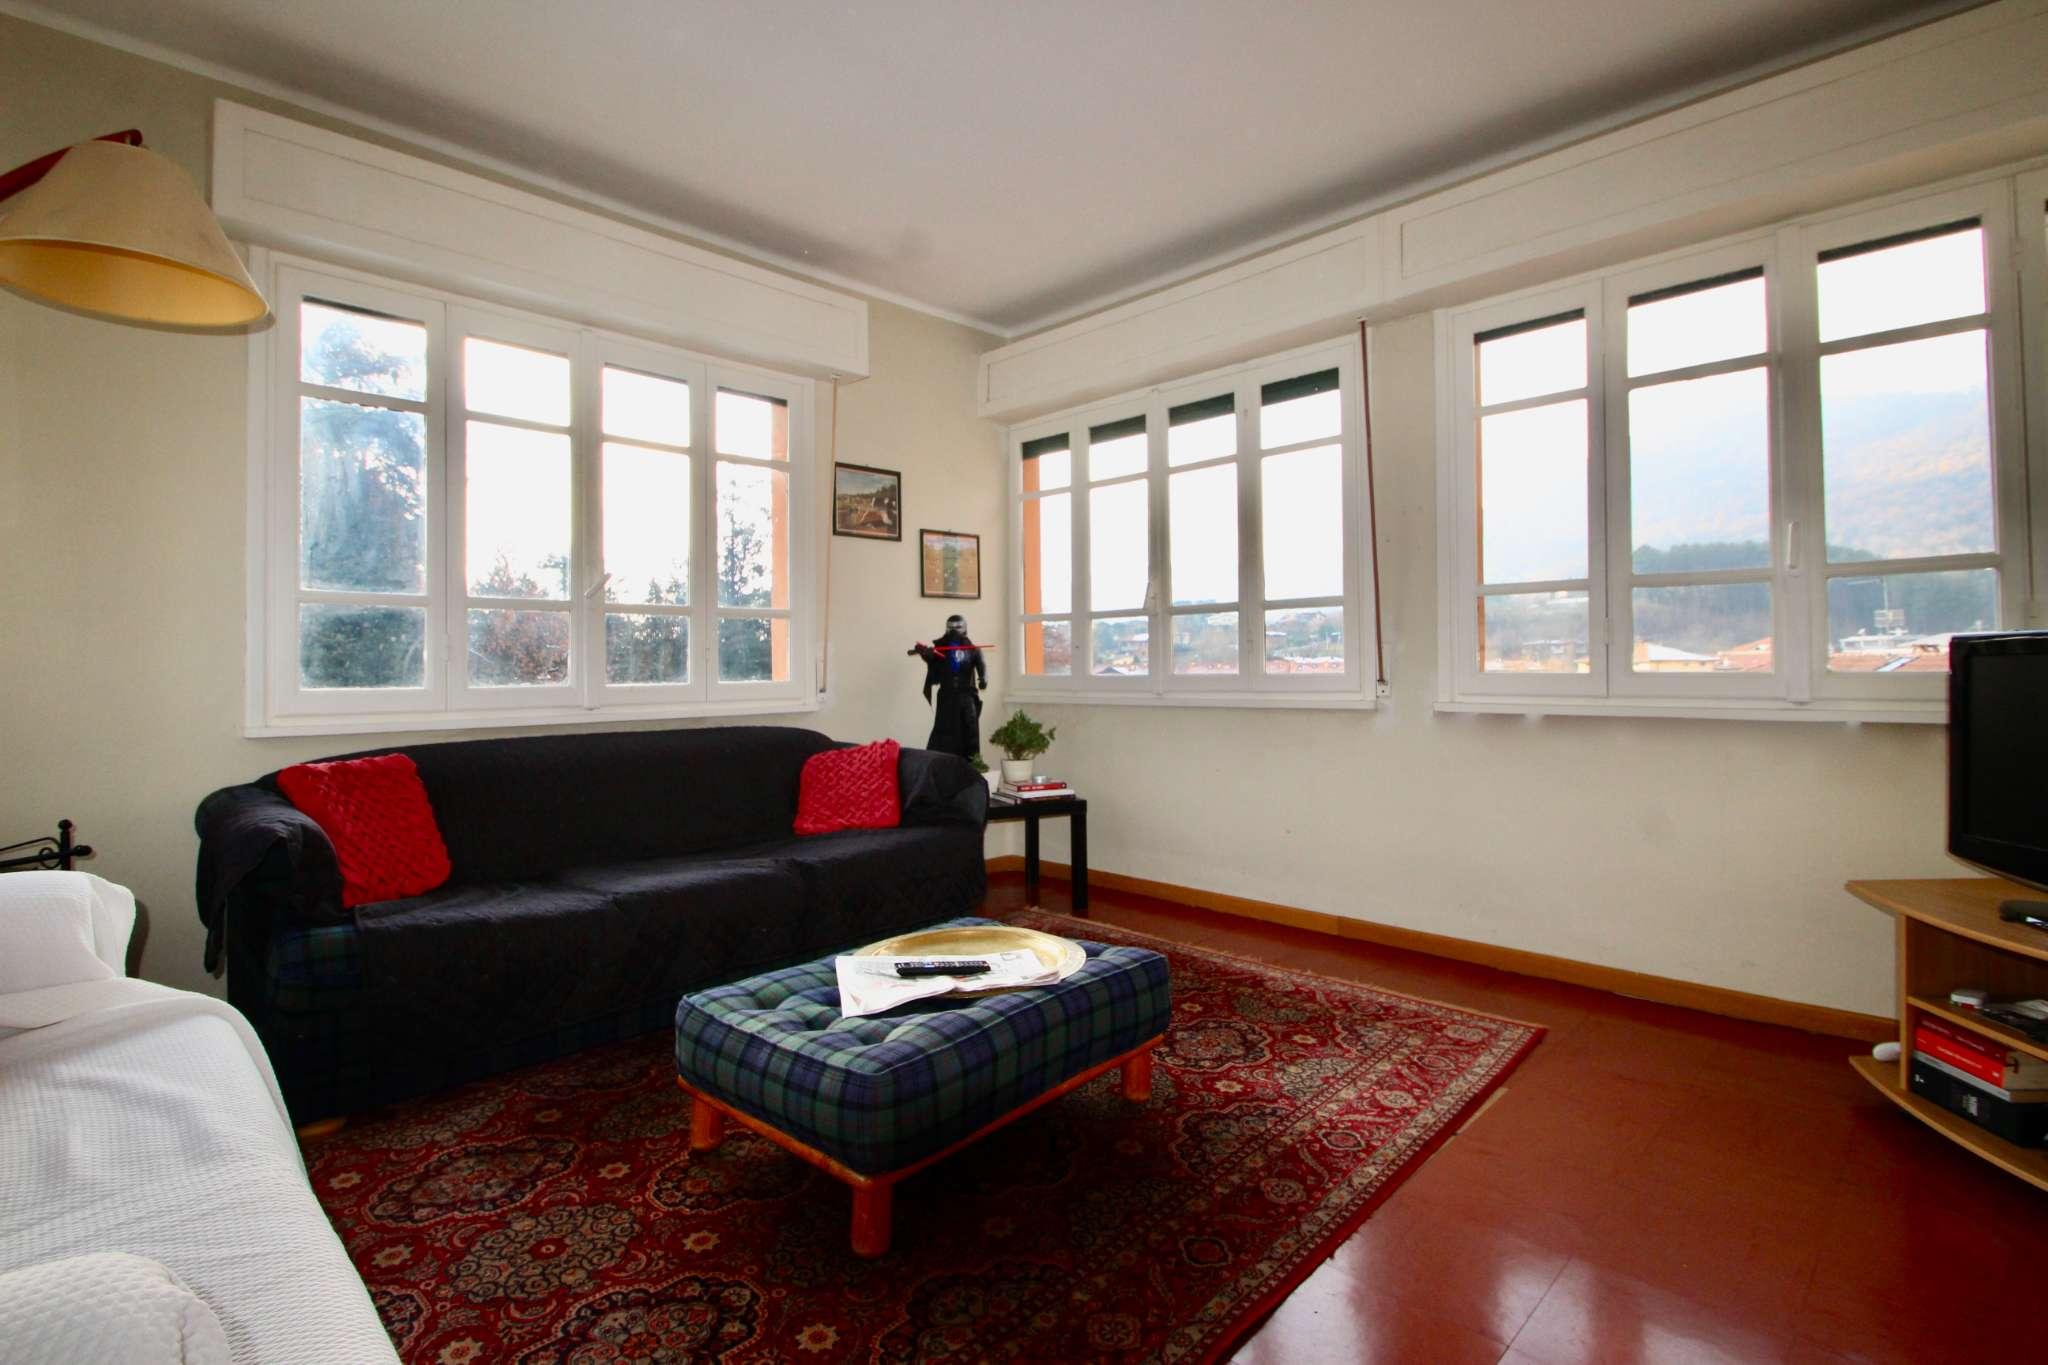 Appartamento in vendita a Alzano Lombardo, 4 locali, prezzo € 127.000 | CambioCasa.it